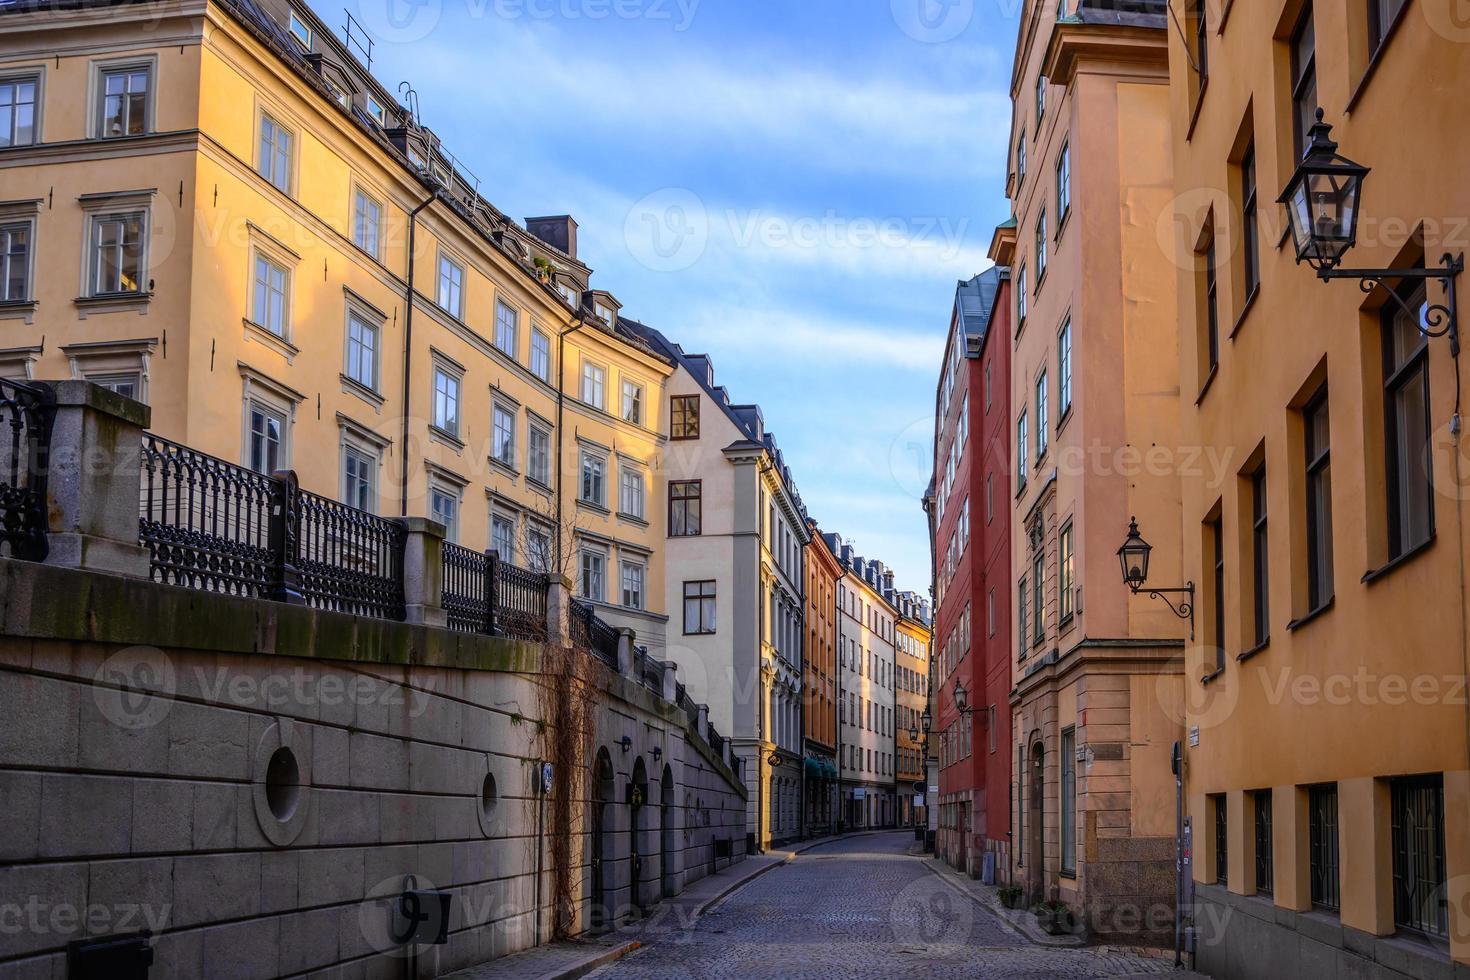 den gamla staden foto